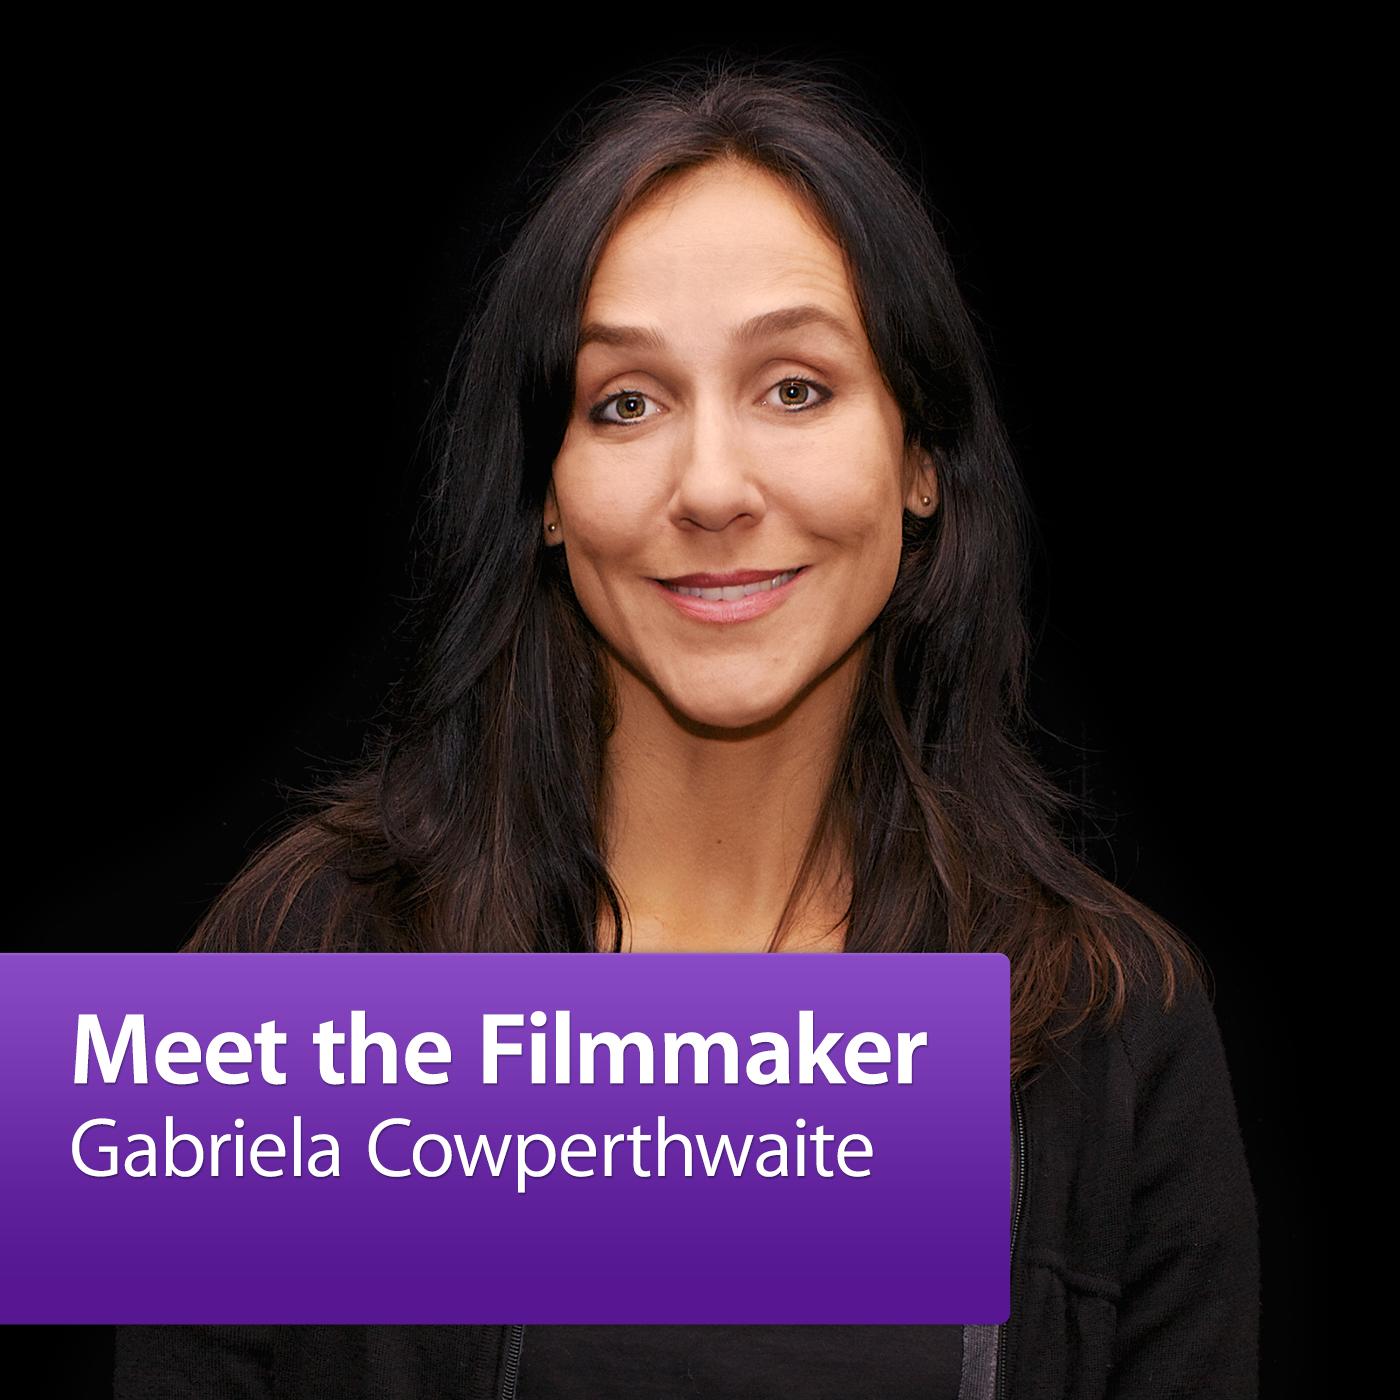 Gabriela Cowperthwaite: Meet the Filmmaker